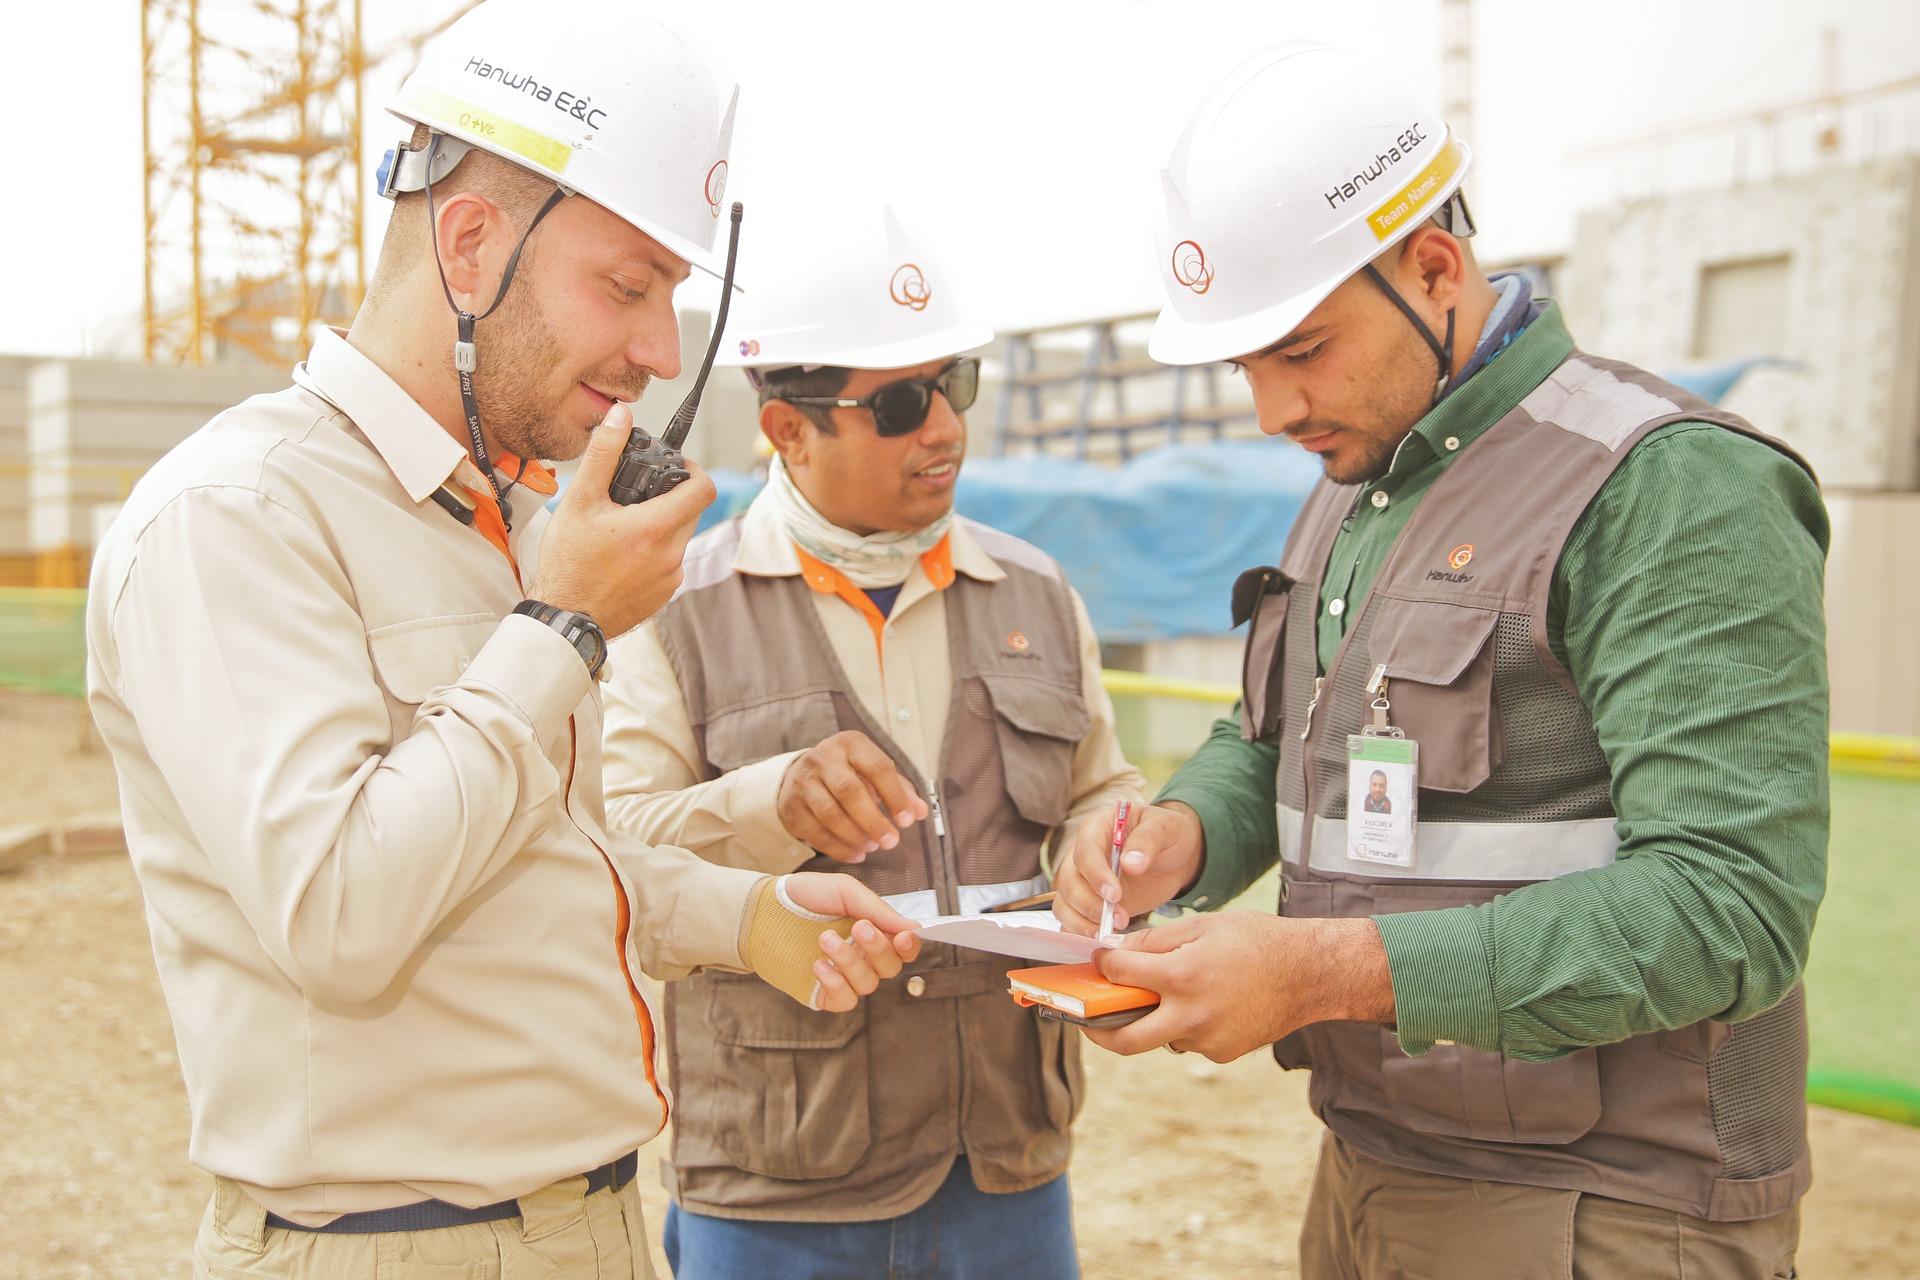 施工管理から営業に転職する3つのメリット